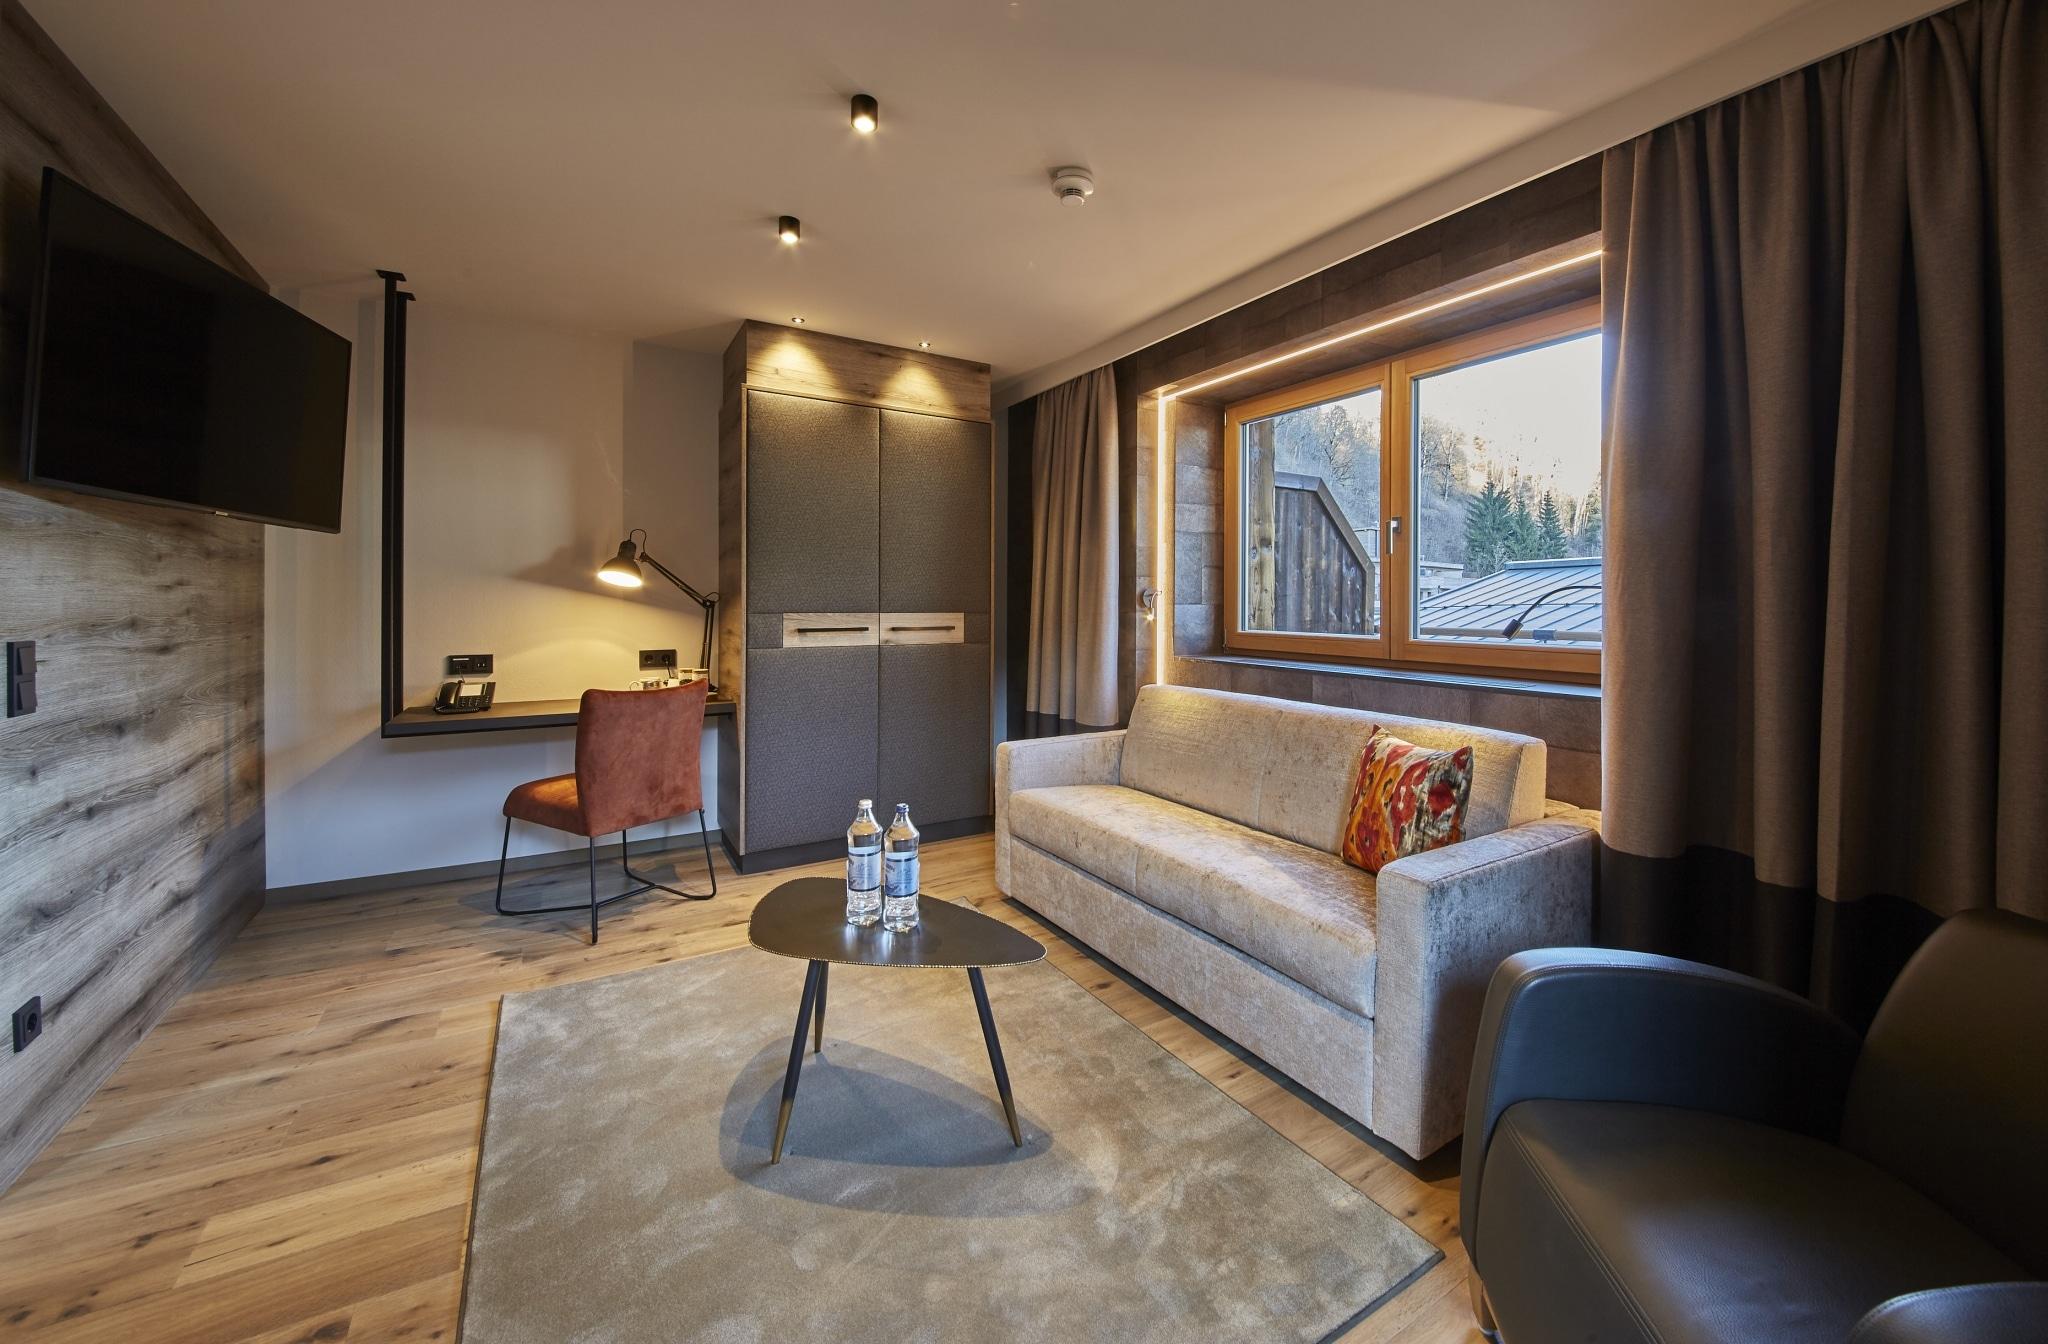 Studio Reiterkogel Wohnzimmer mit Sofa und Schreibtisch